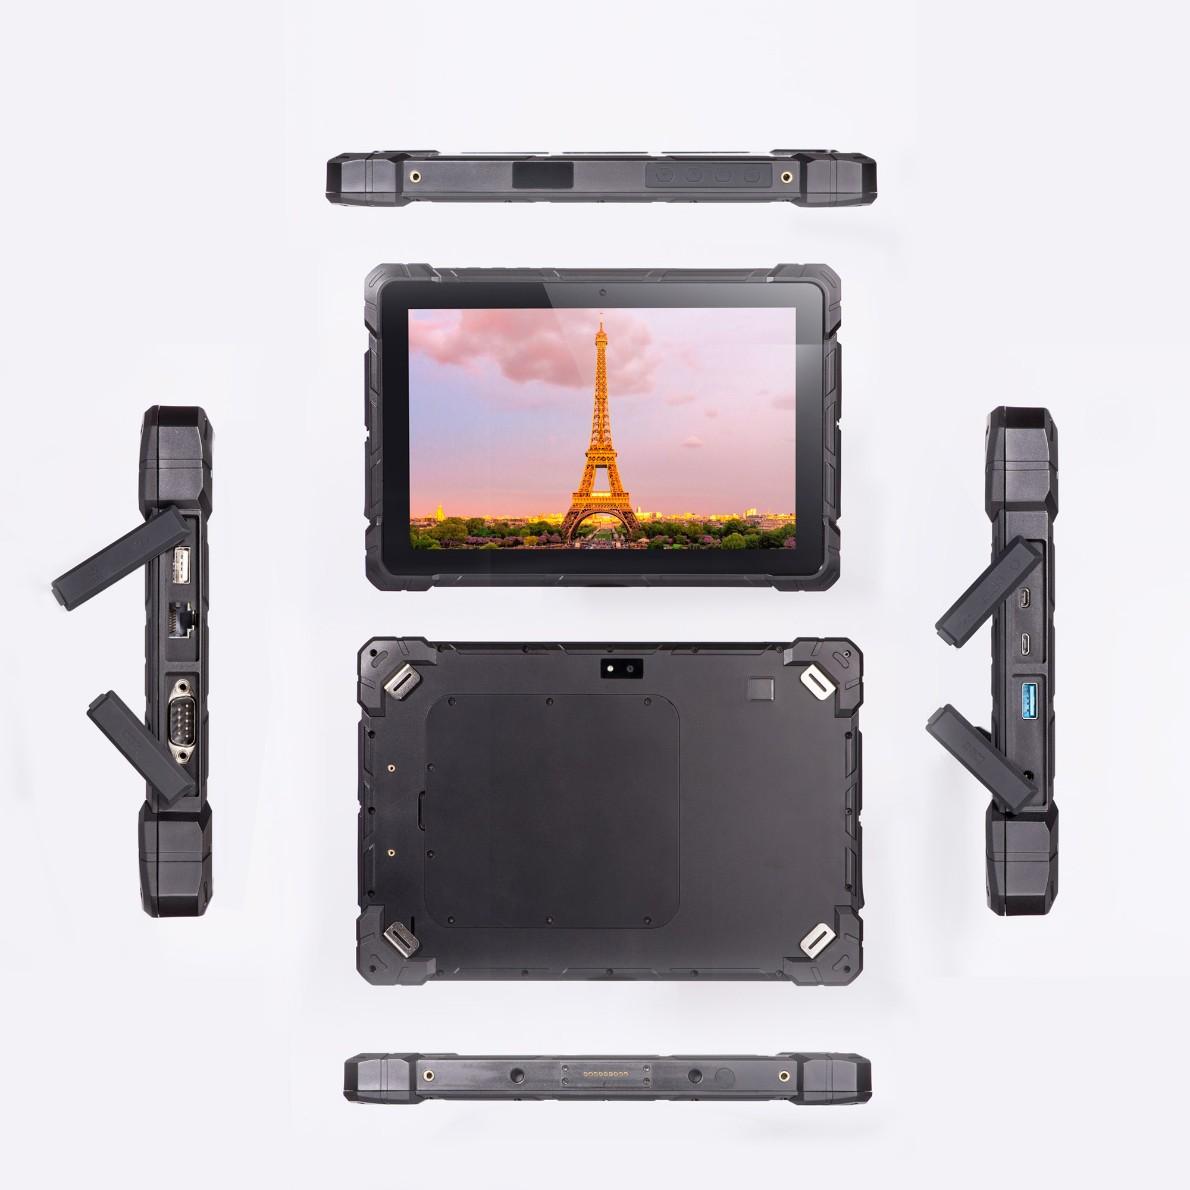 廠家直銷芯舞三防加固平板電腦 支持win10/android係統